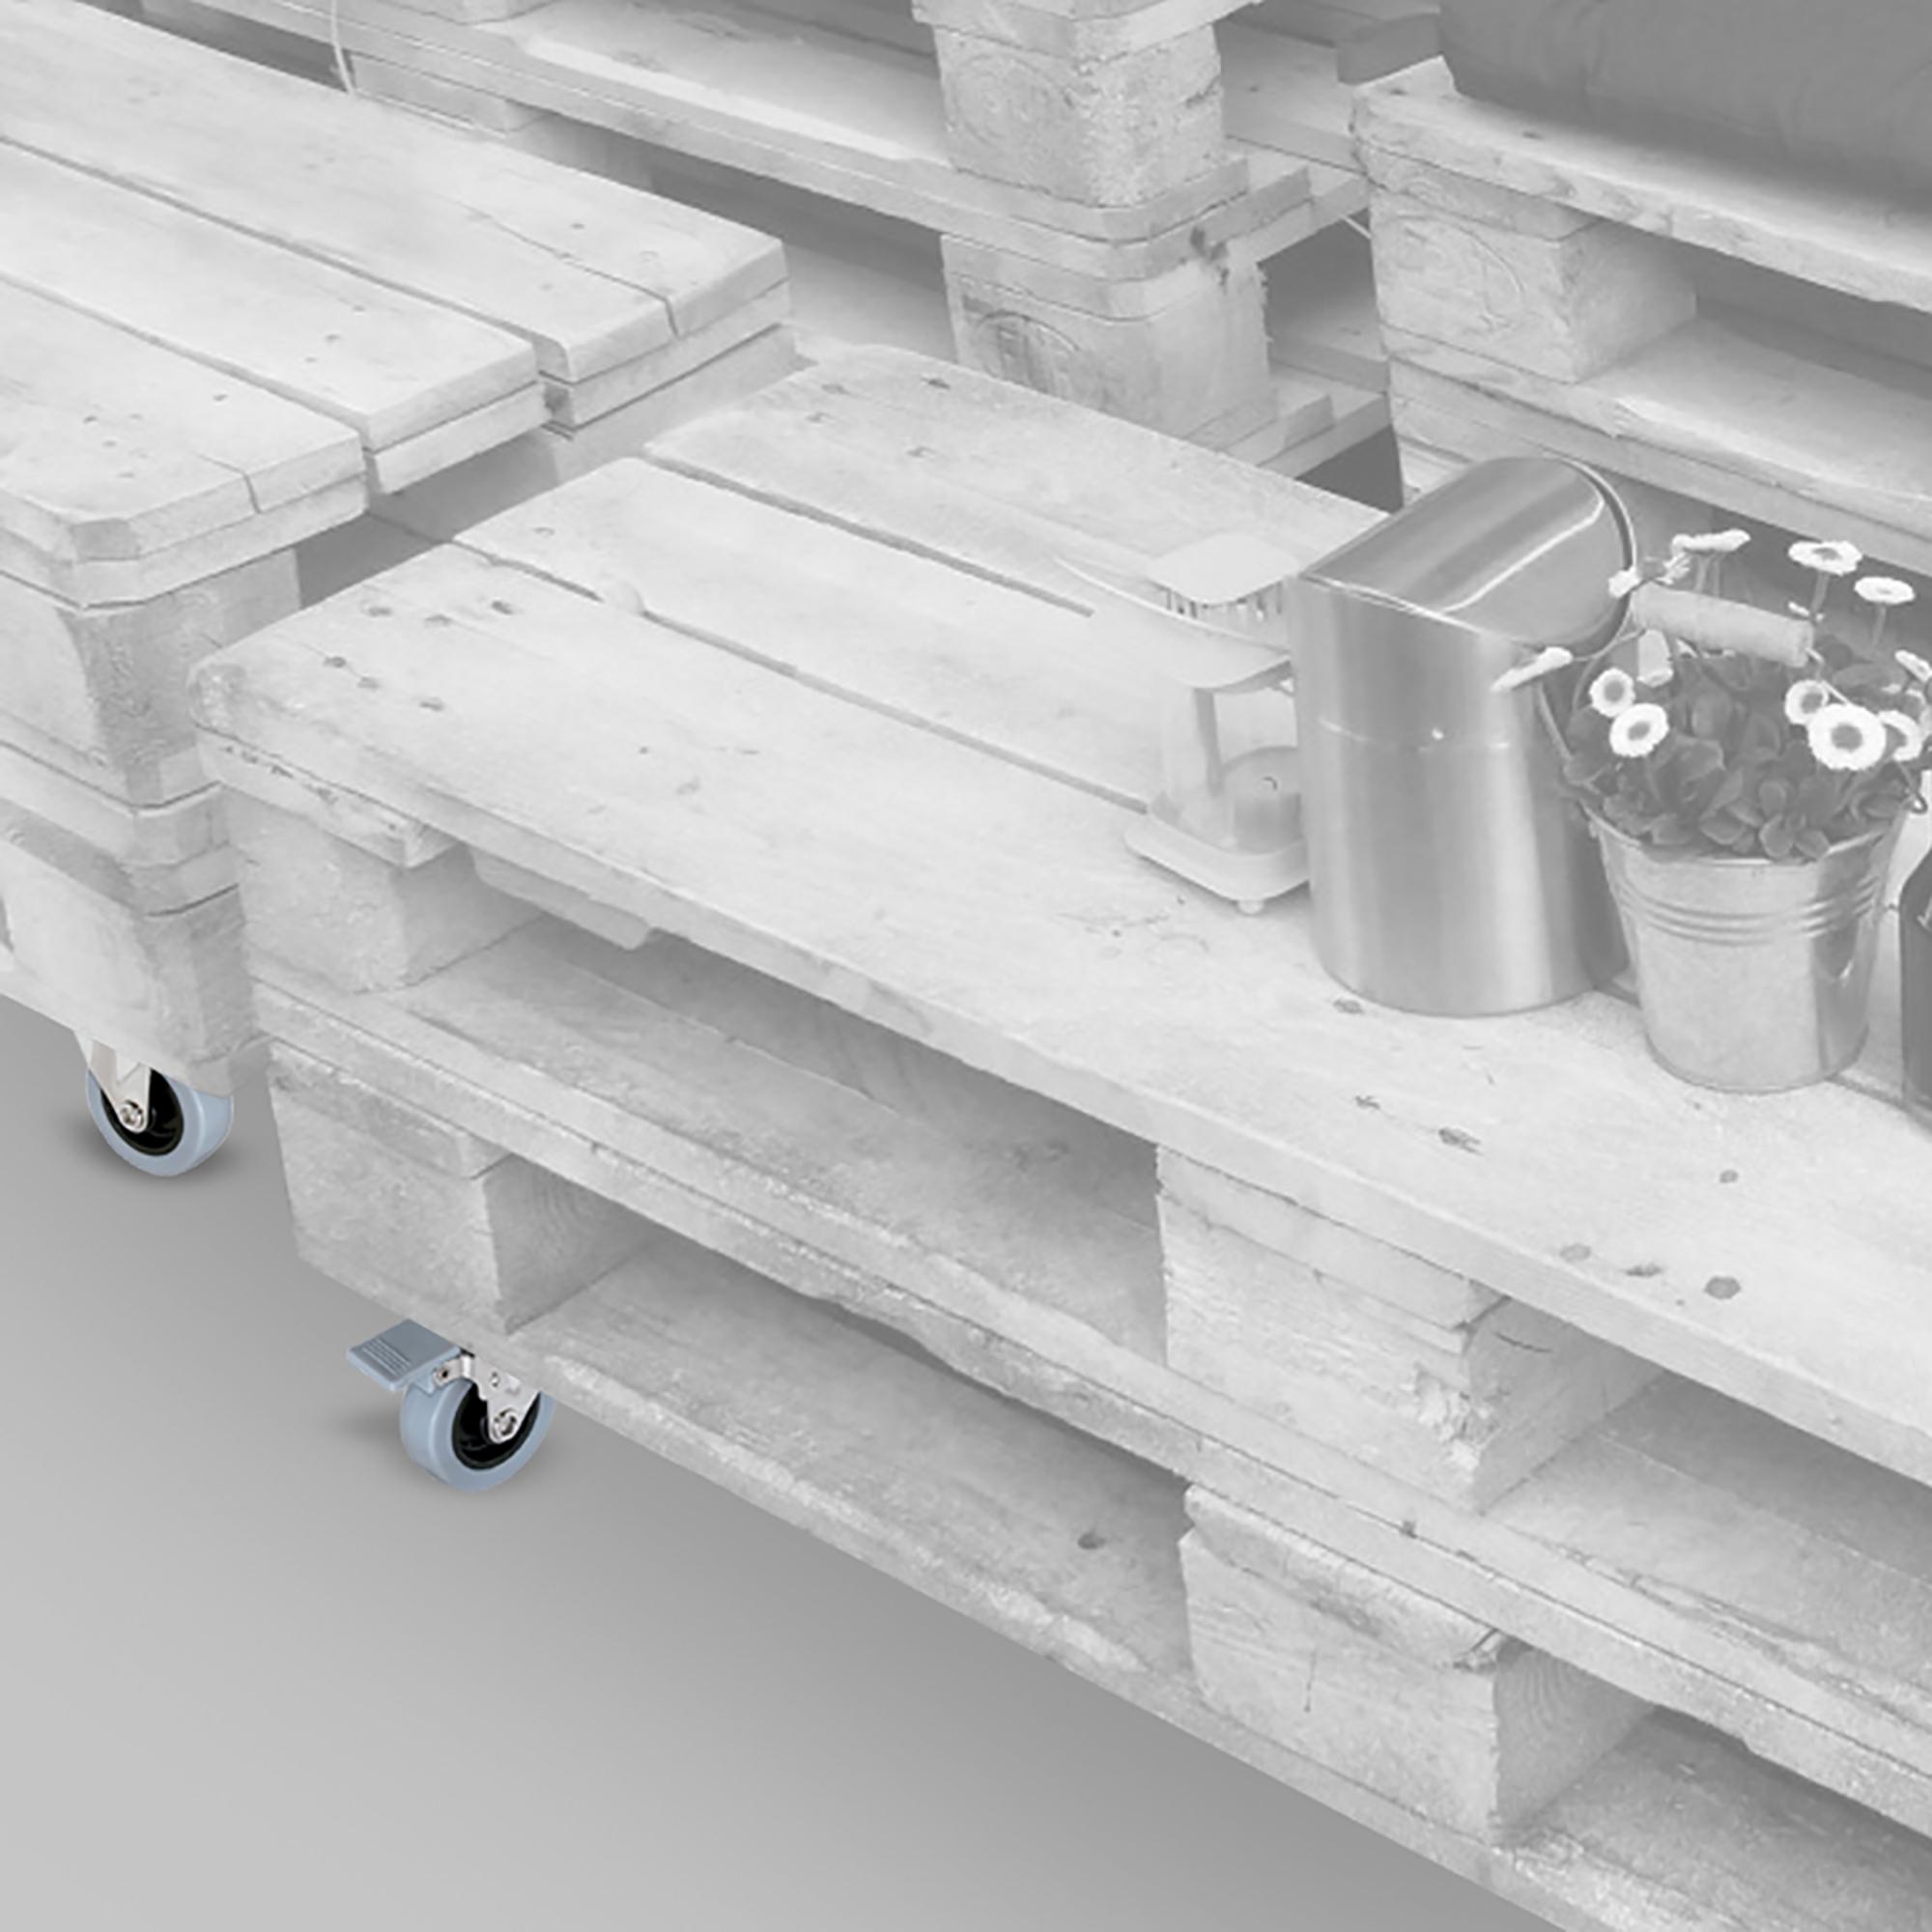 Emuca Ruote con piastra per montaggio, D. 50 mm, Acciaio e plastica, Grigio, 4 u.